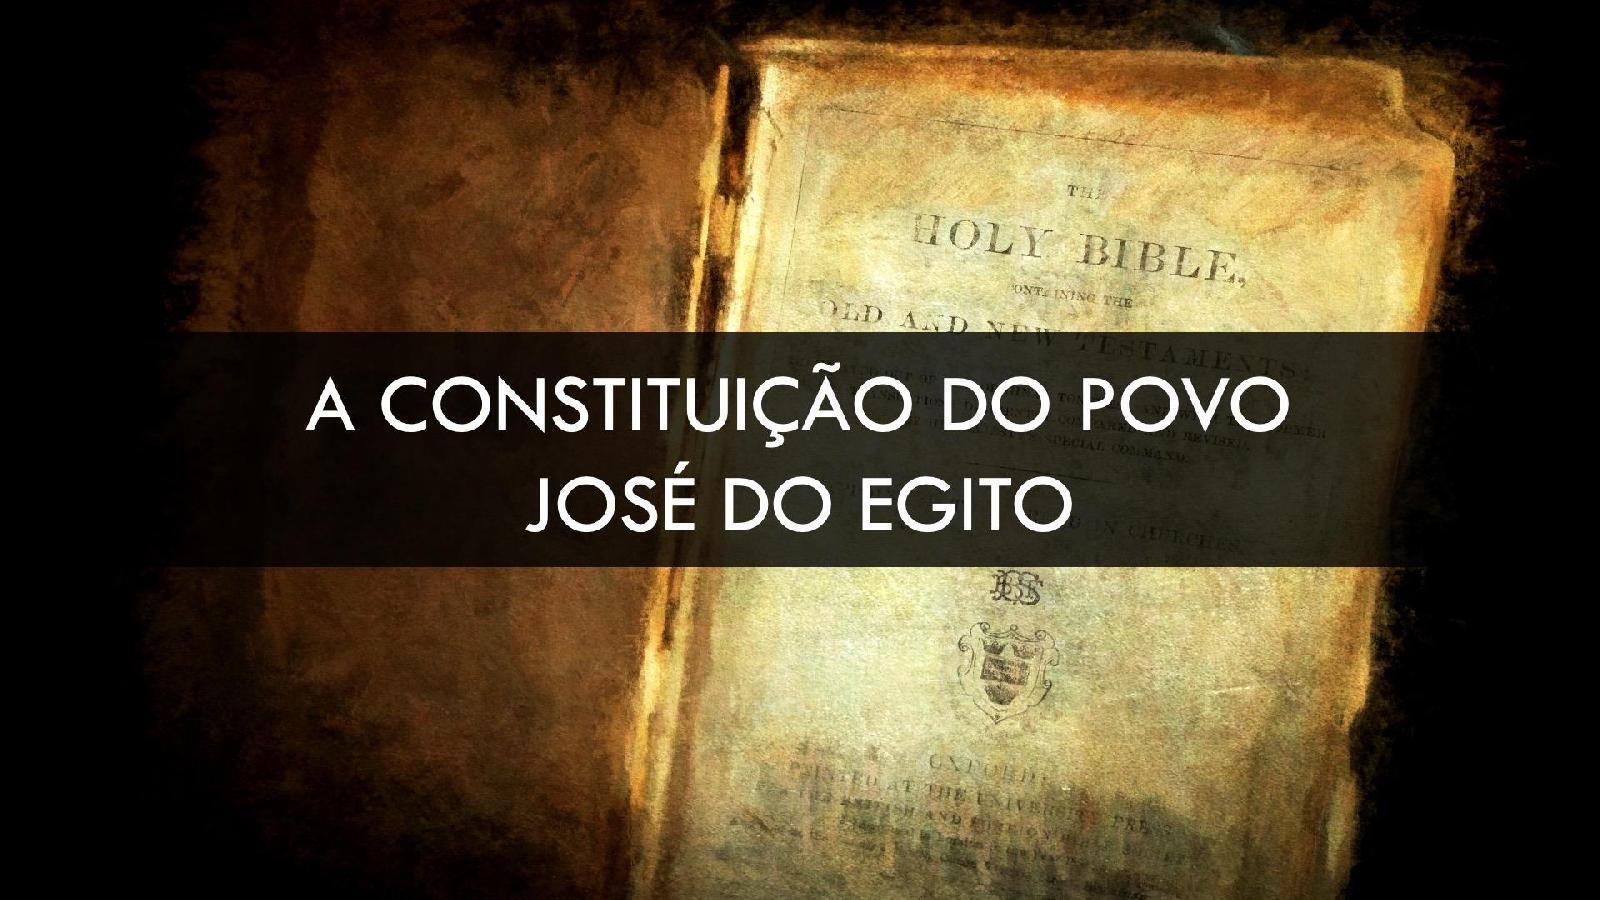 Constituição do Povo - José do Egito